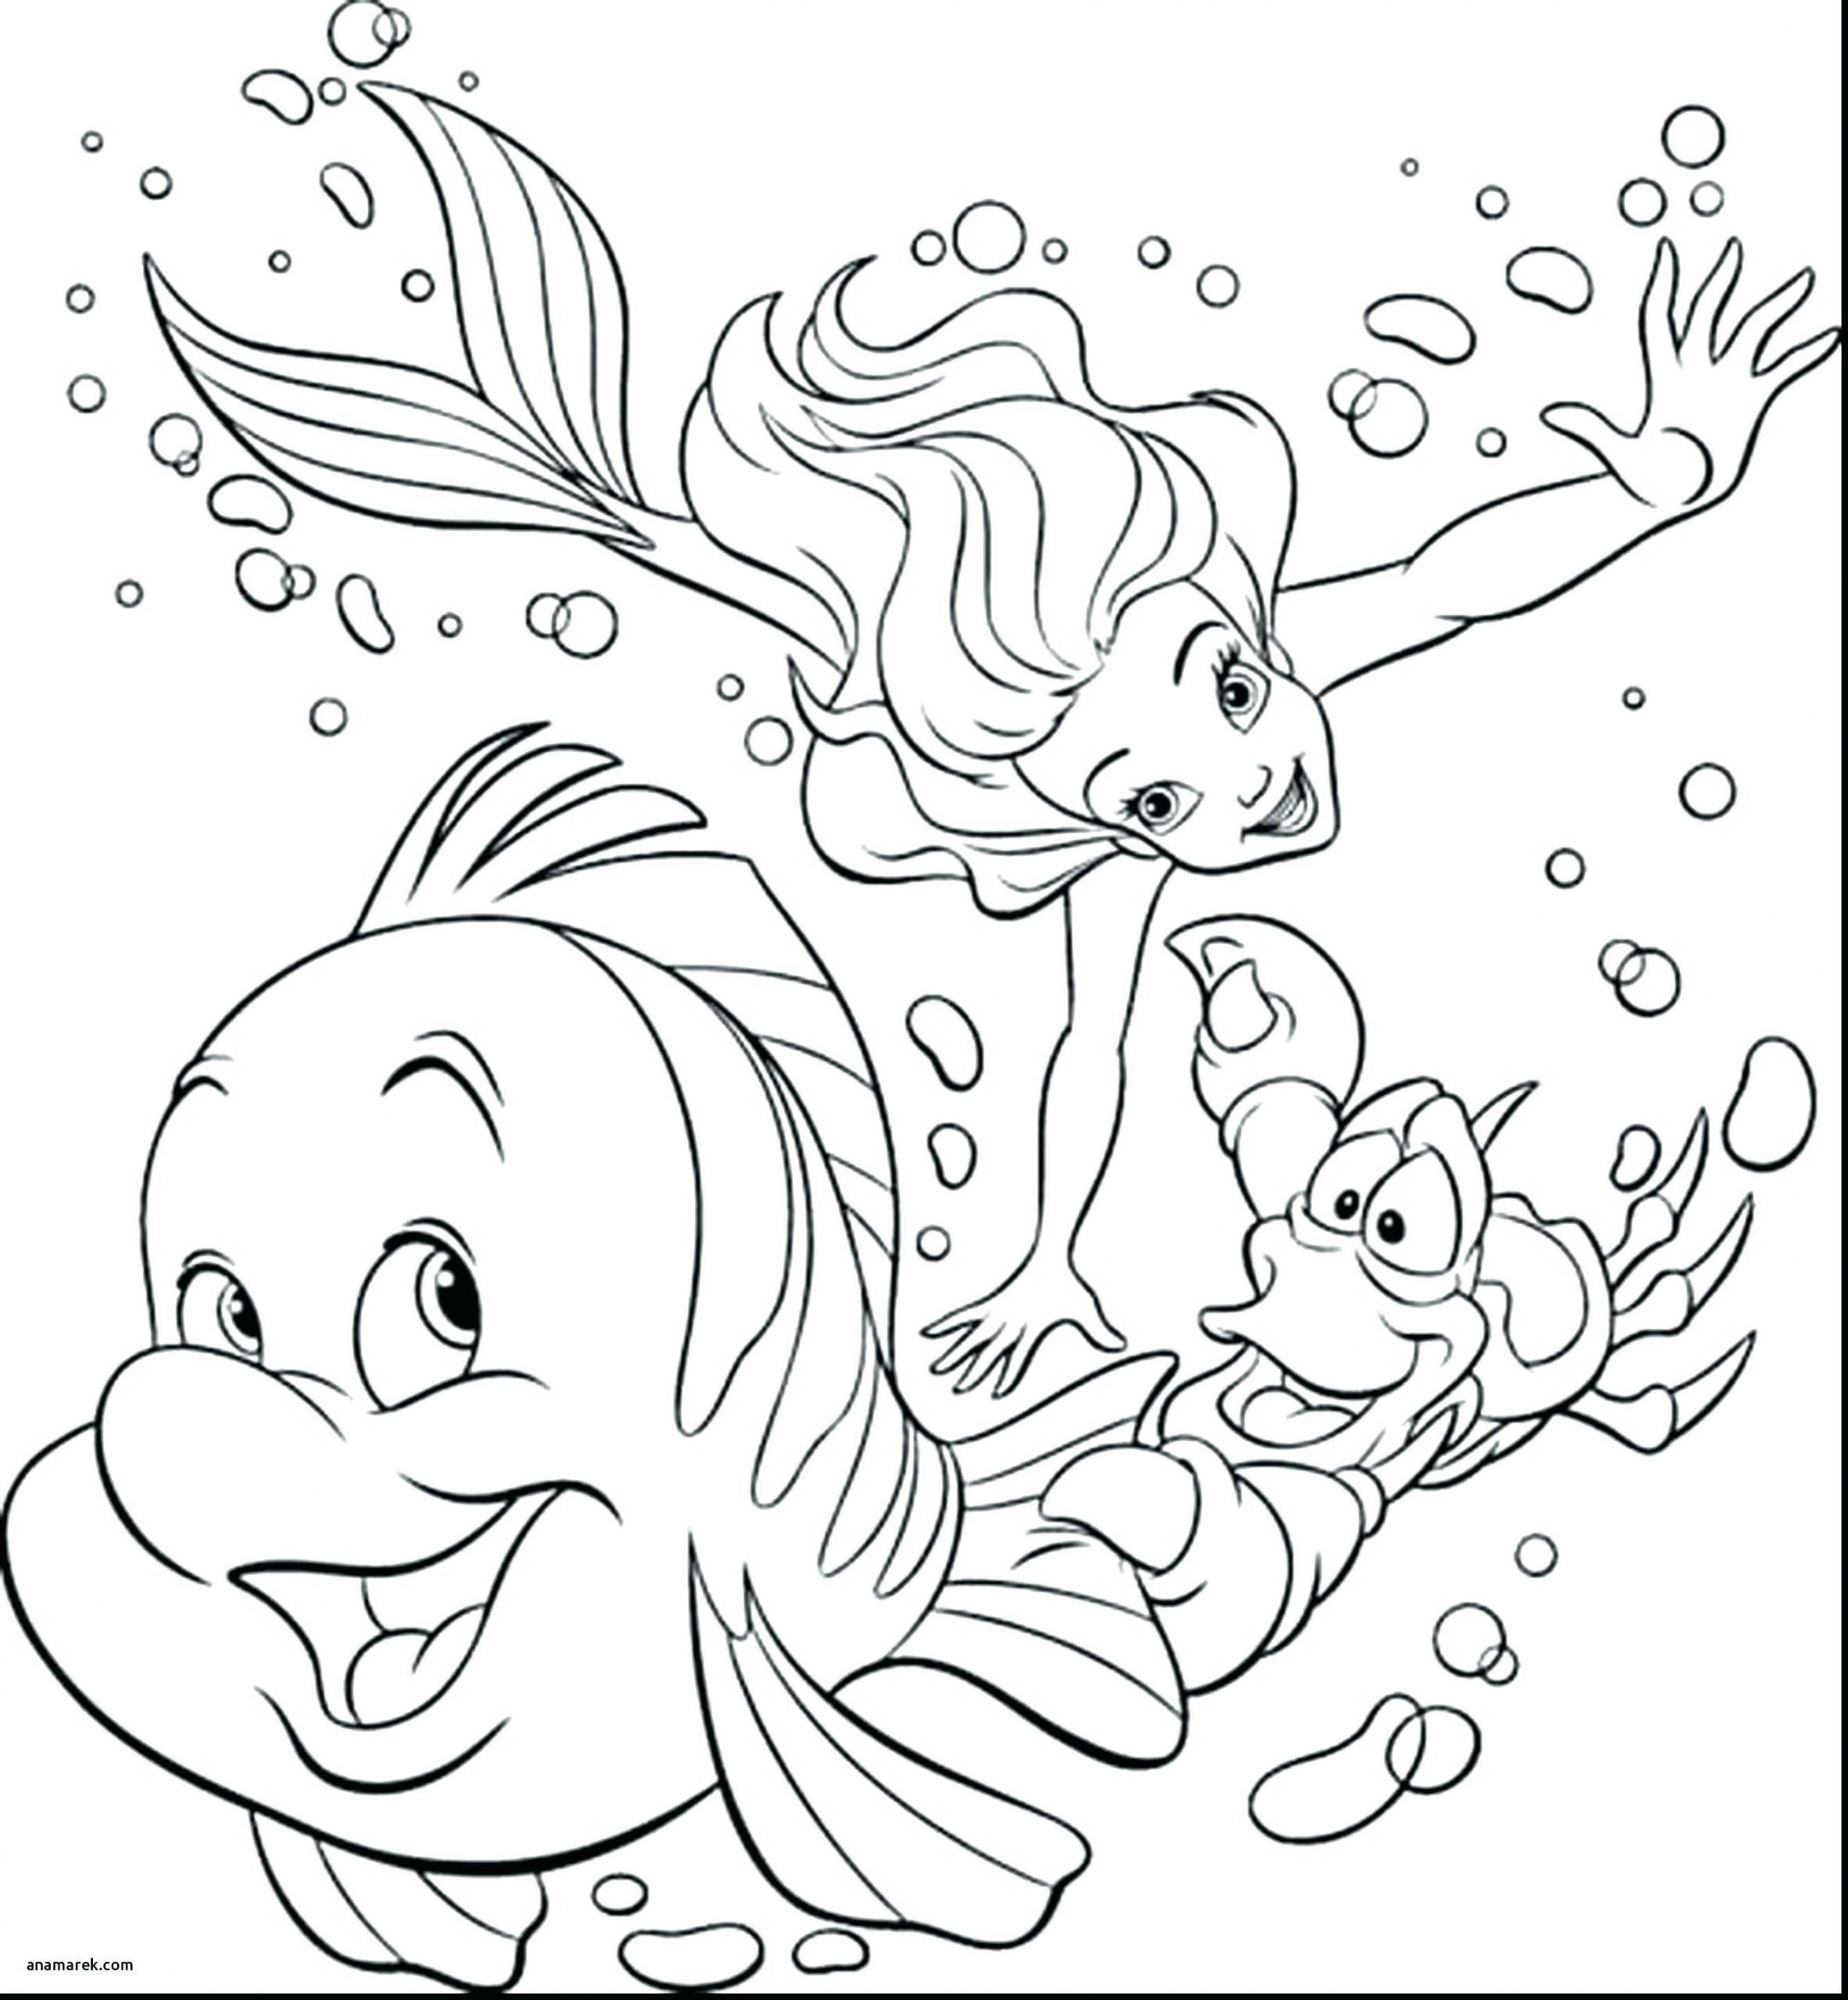 Die Besten Von Ausmalbilder Prinzessin Sofia Ideen Of Ausmalbild Prinzessin Sofia Kostenlos Ausmalbilder Ausmalen Wenn Du Mal Buch